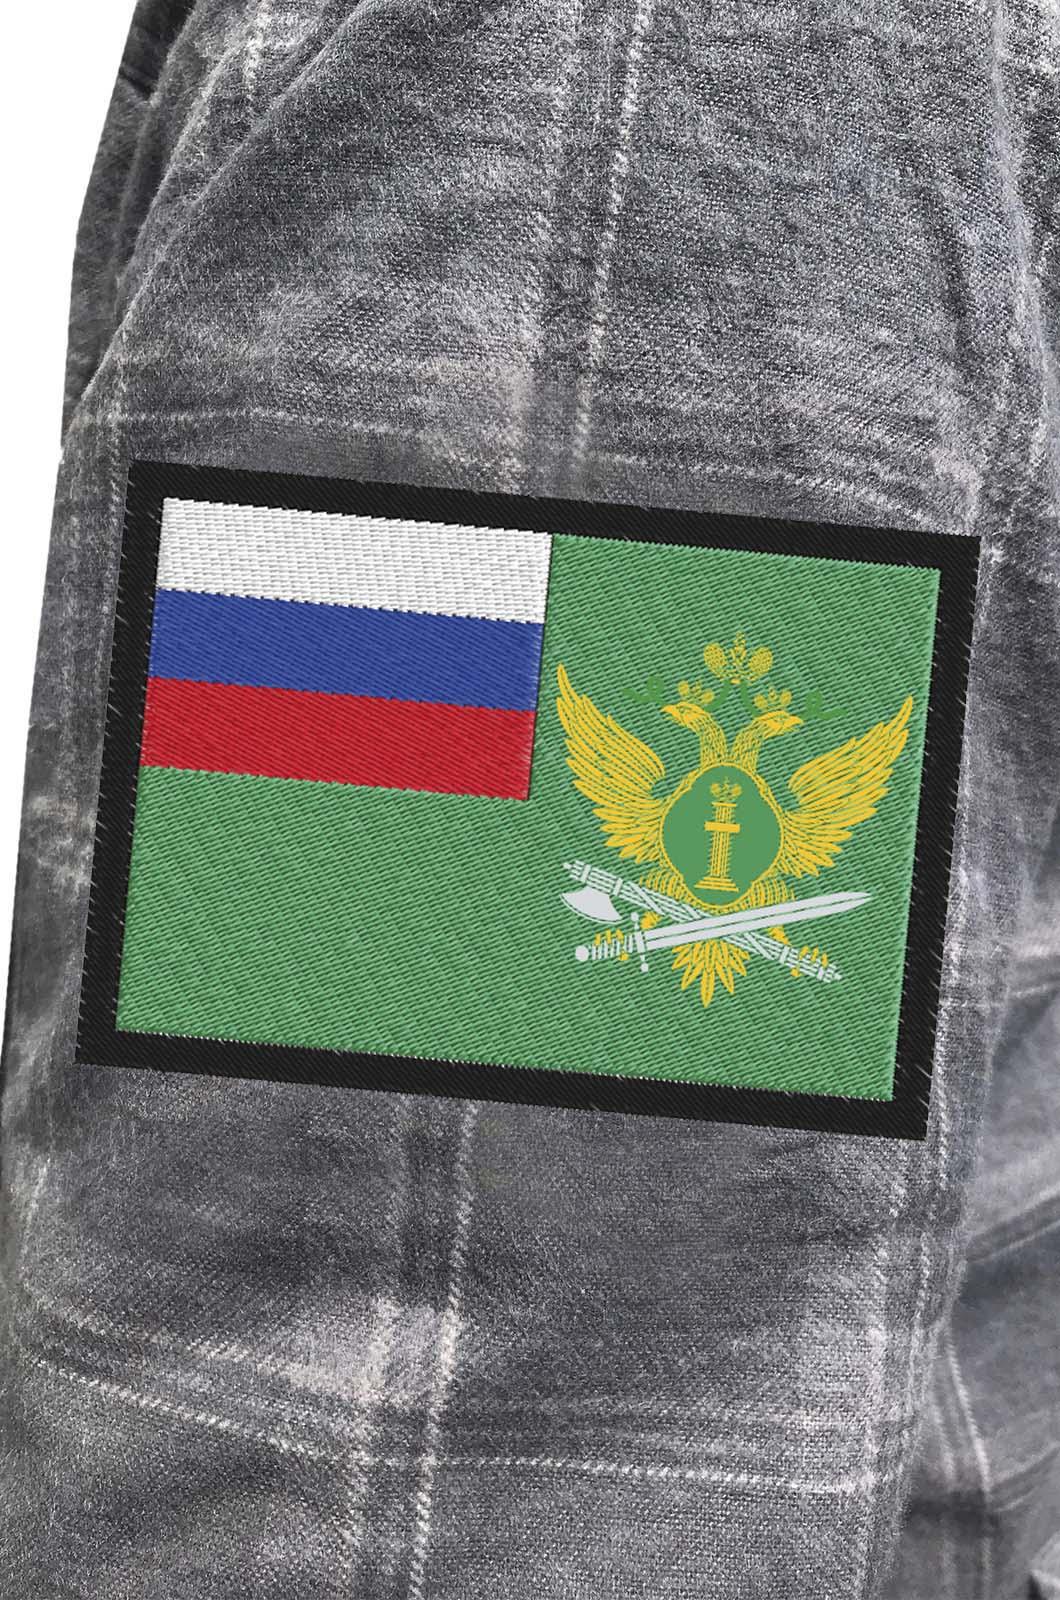 Строгая рубашка с вышитым шевроном ФССП - заказать в подарок